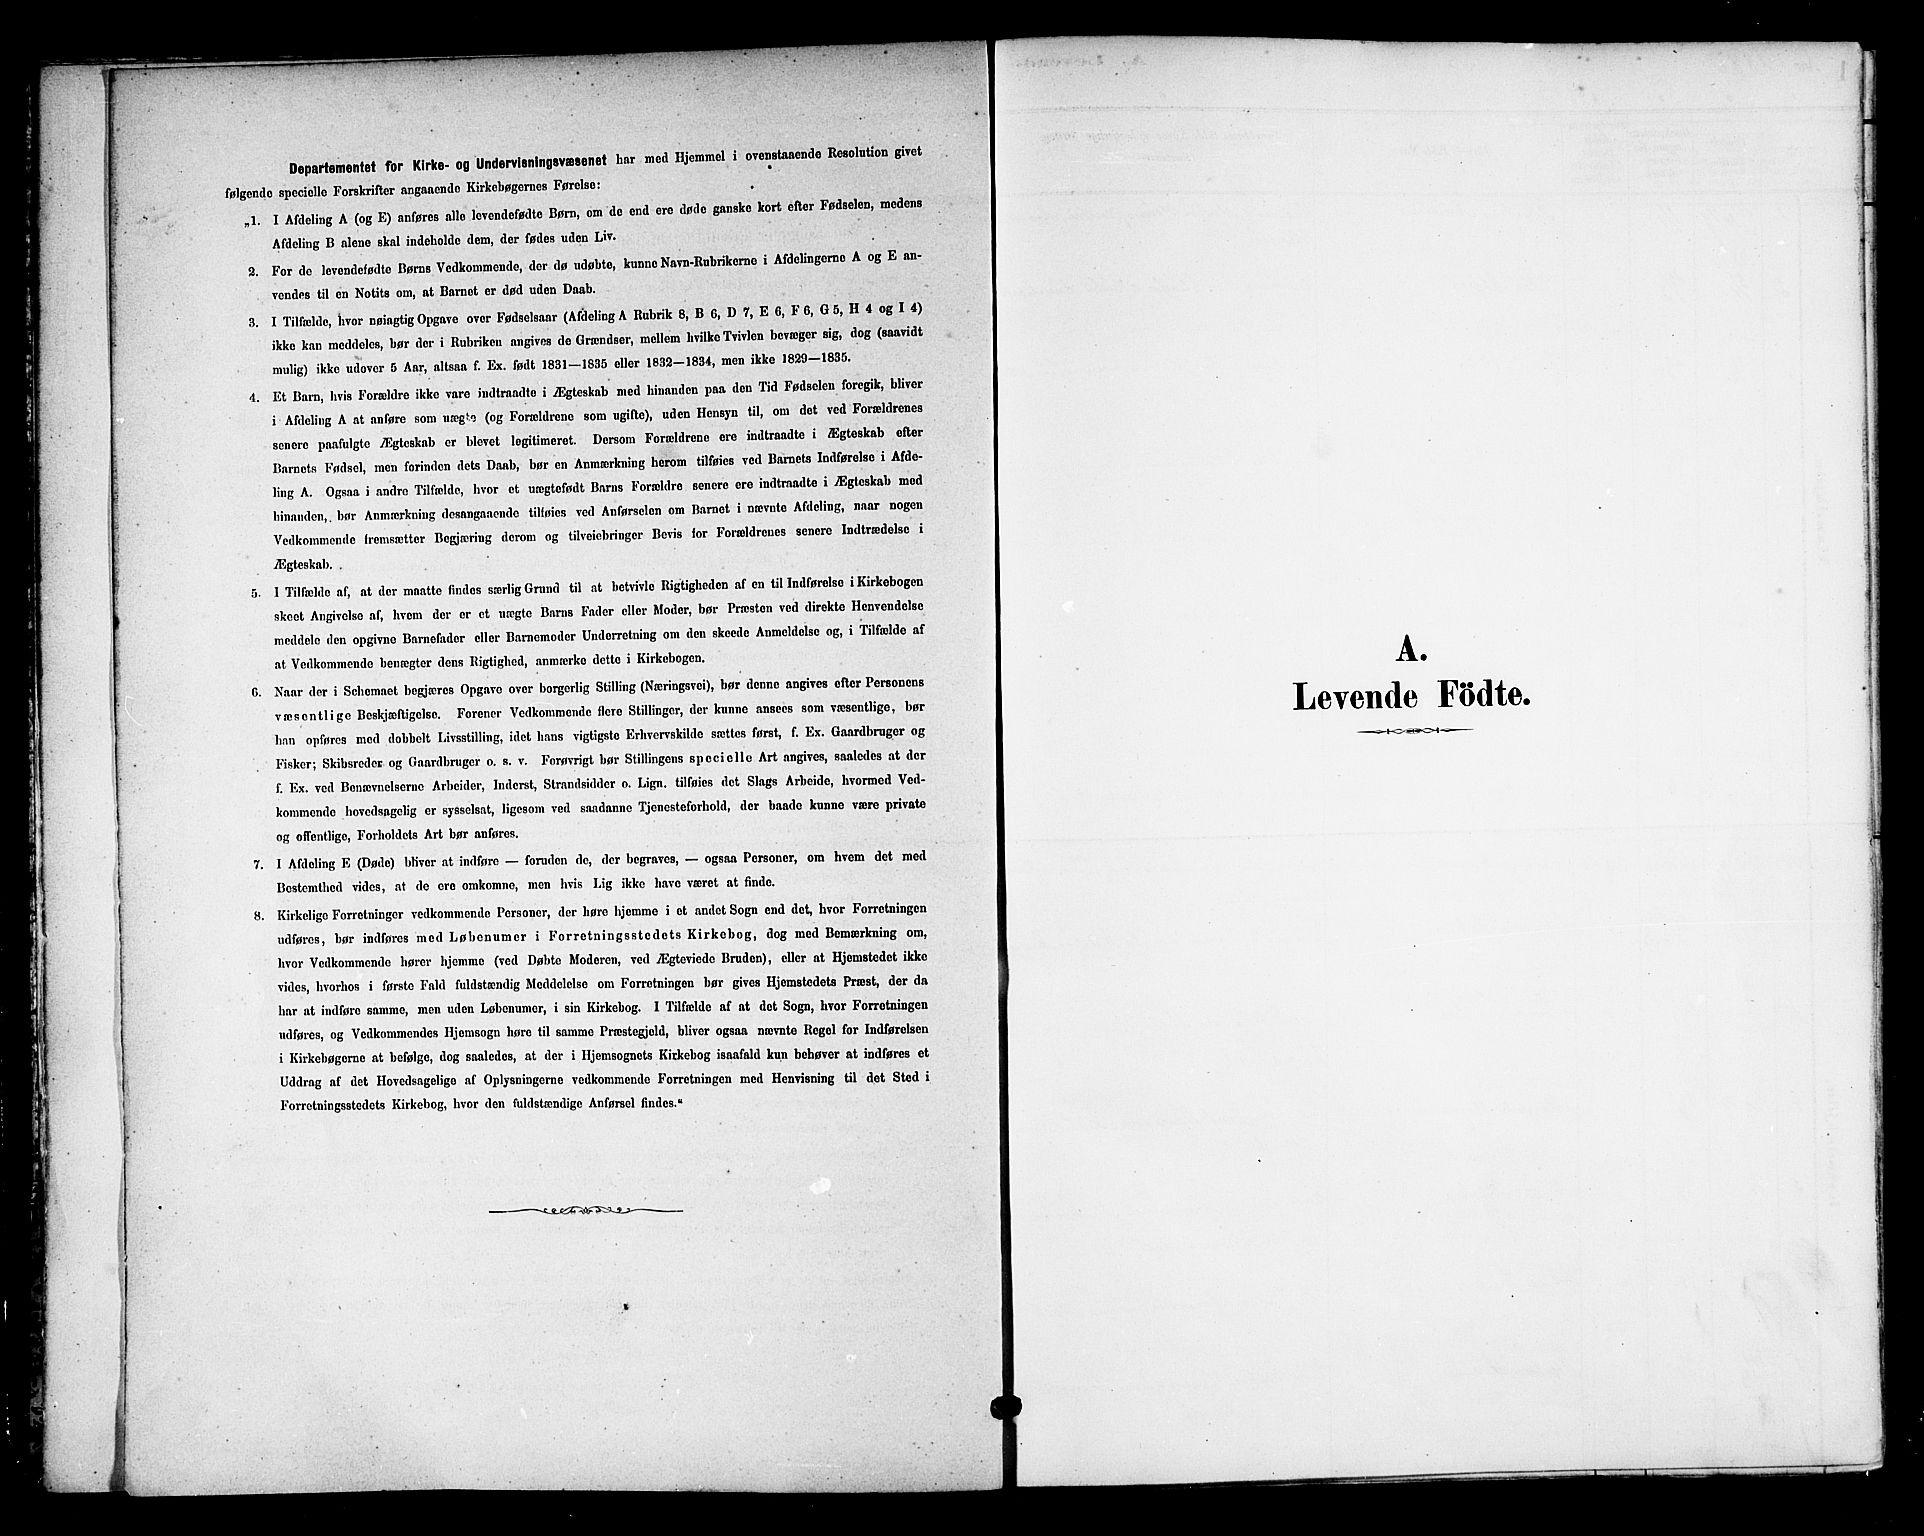 SAT, Ministerialprotokoller, klokkerbøker og fødselsregistre - Sør-Trøndelag, 654/L0663: Ministerialbok nr. 654A01, 1880-1894